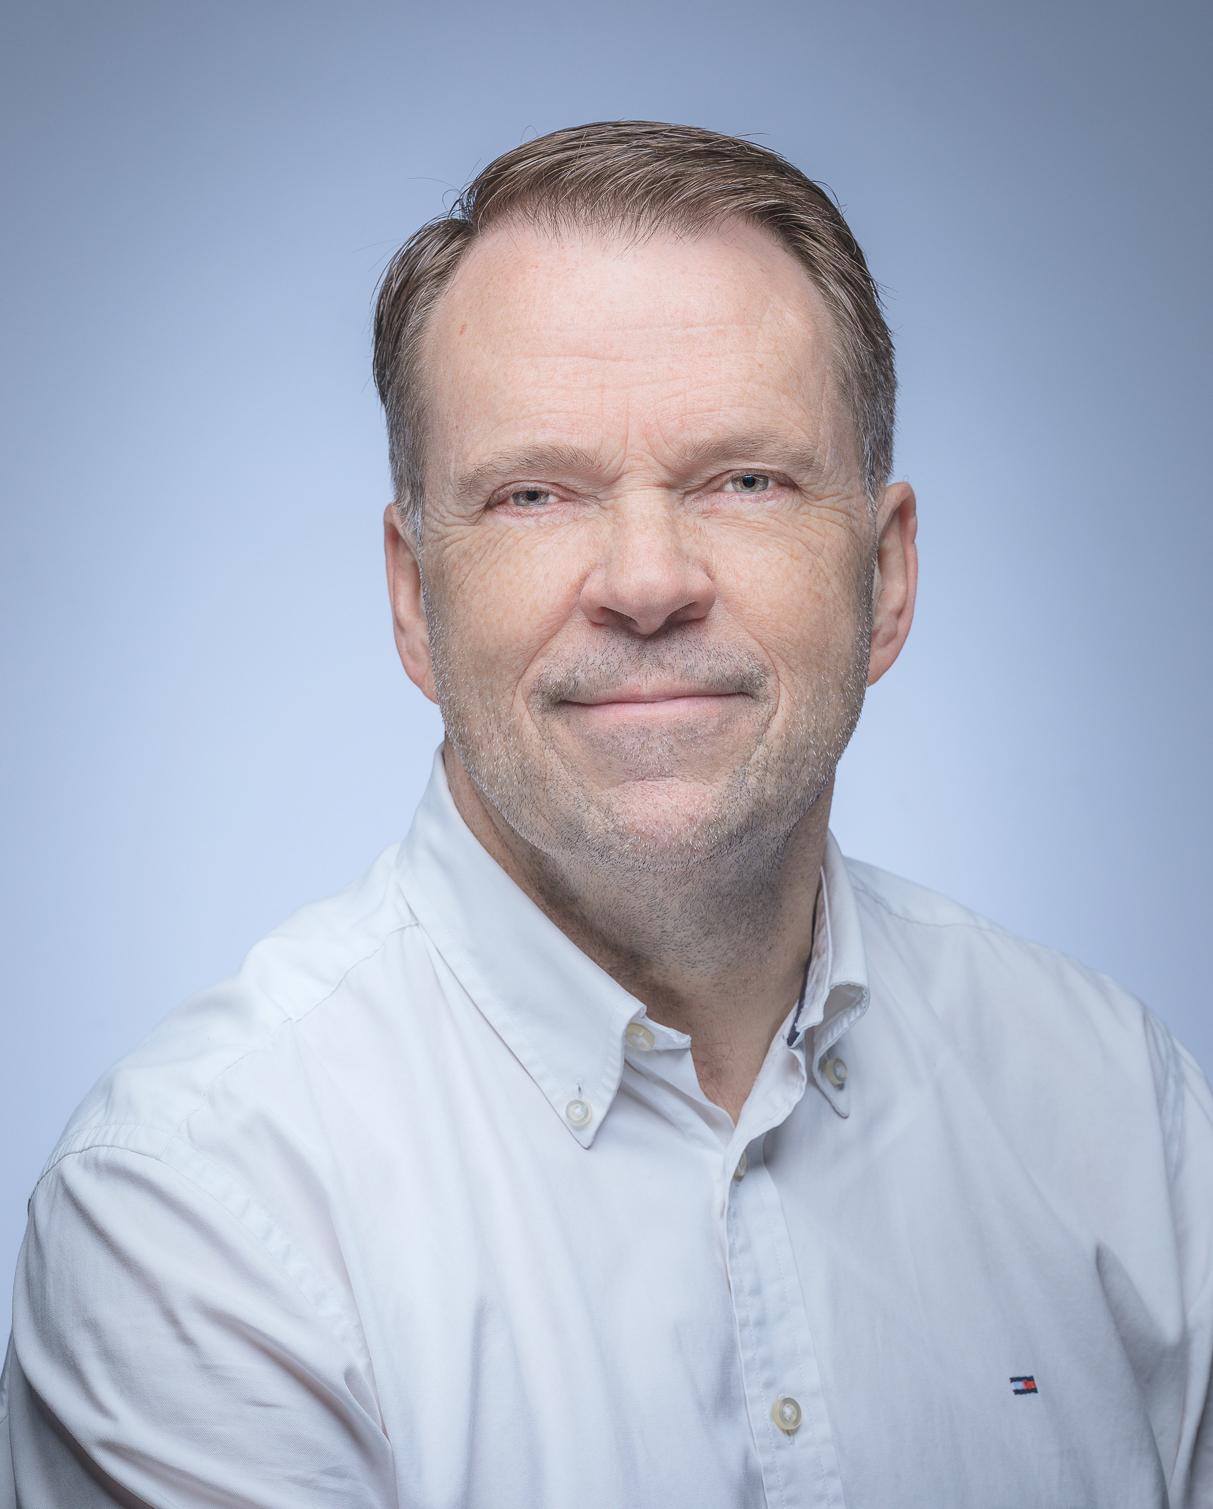 Örn H. Magnússon